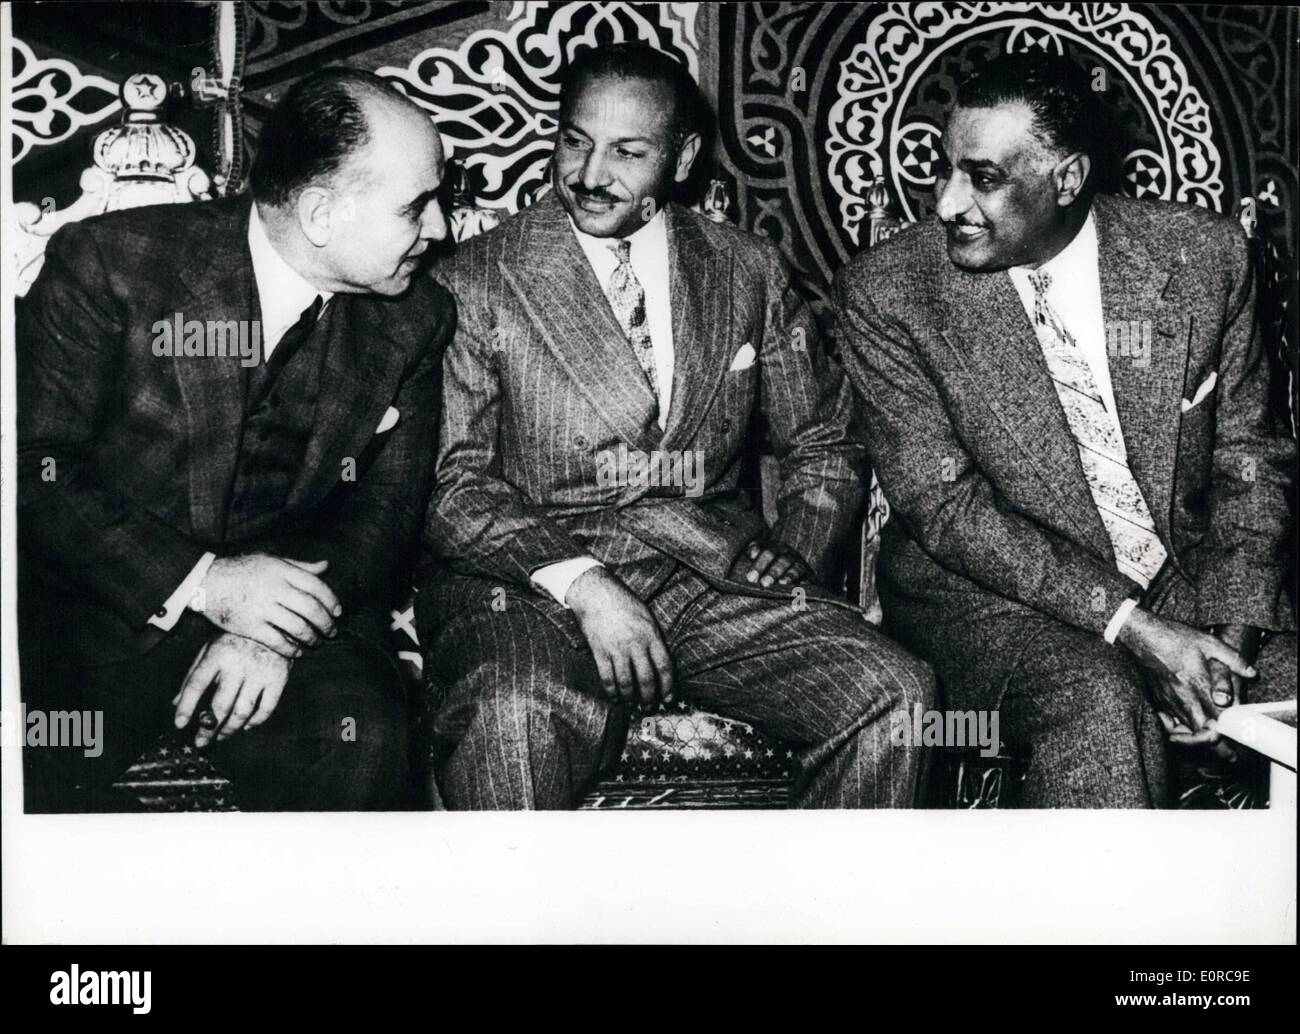 12. Dezember 1958 - Präsident Nasser weiht ägyptischen Manufacturing Company zur Herstellung von Eisenbahnmaterial: Stockfoto